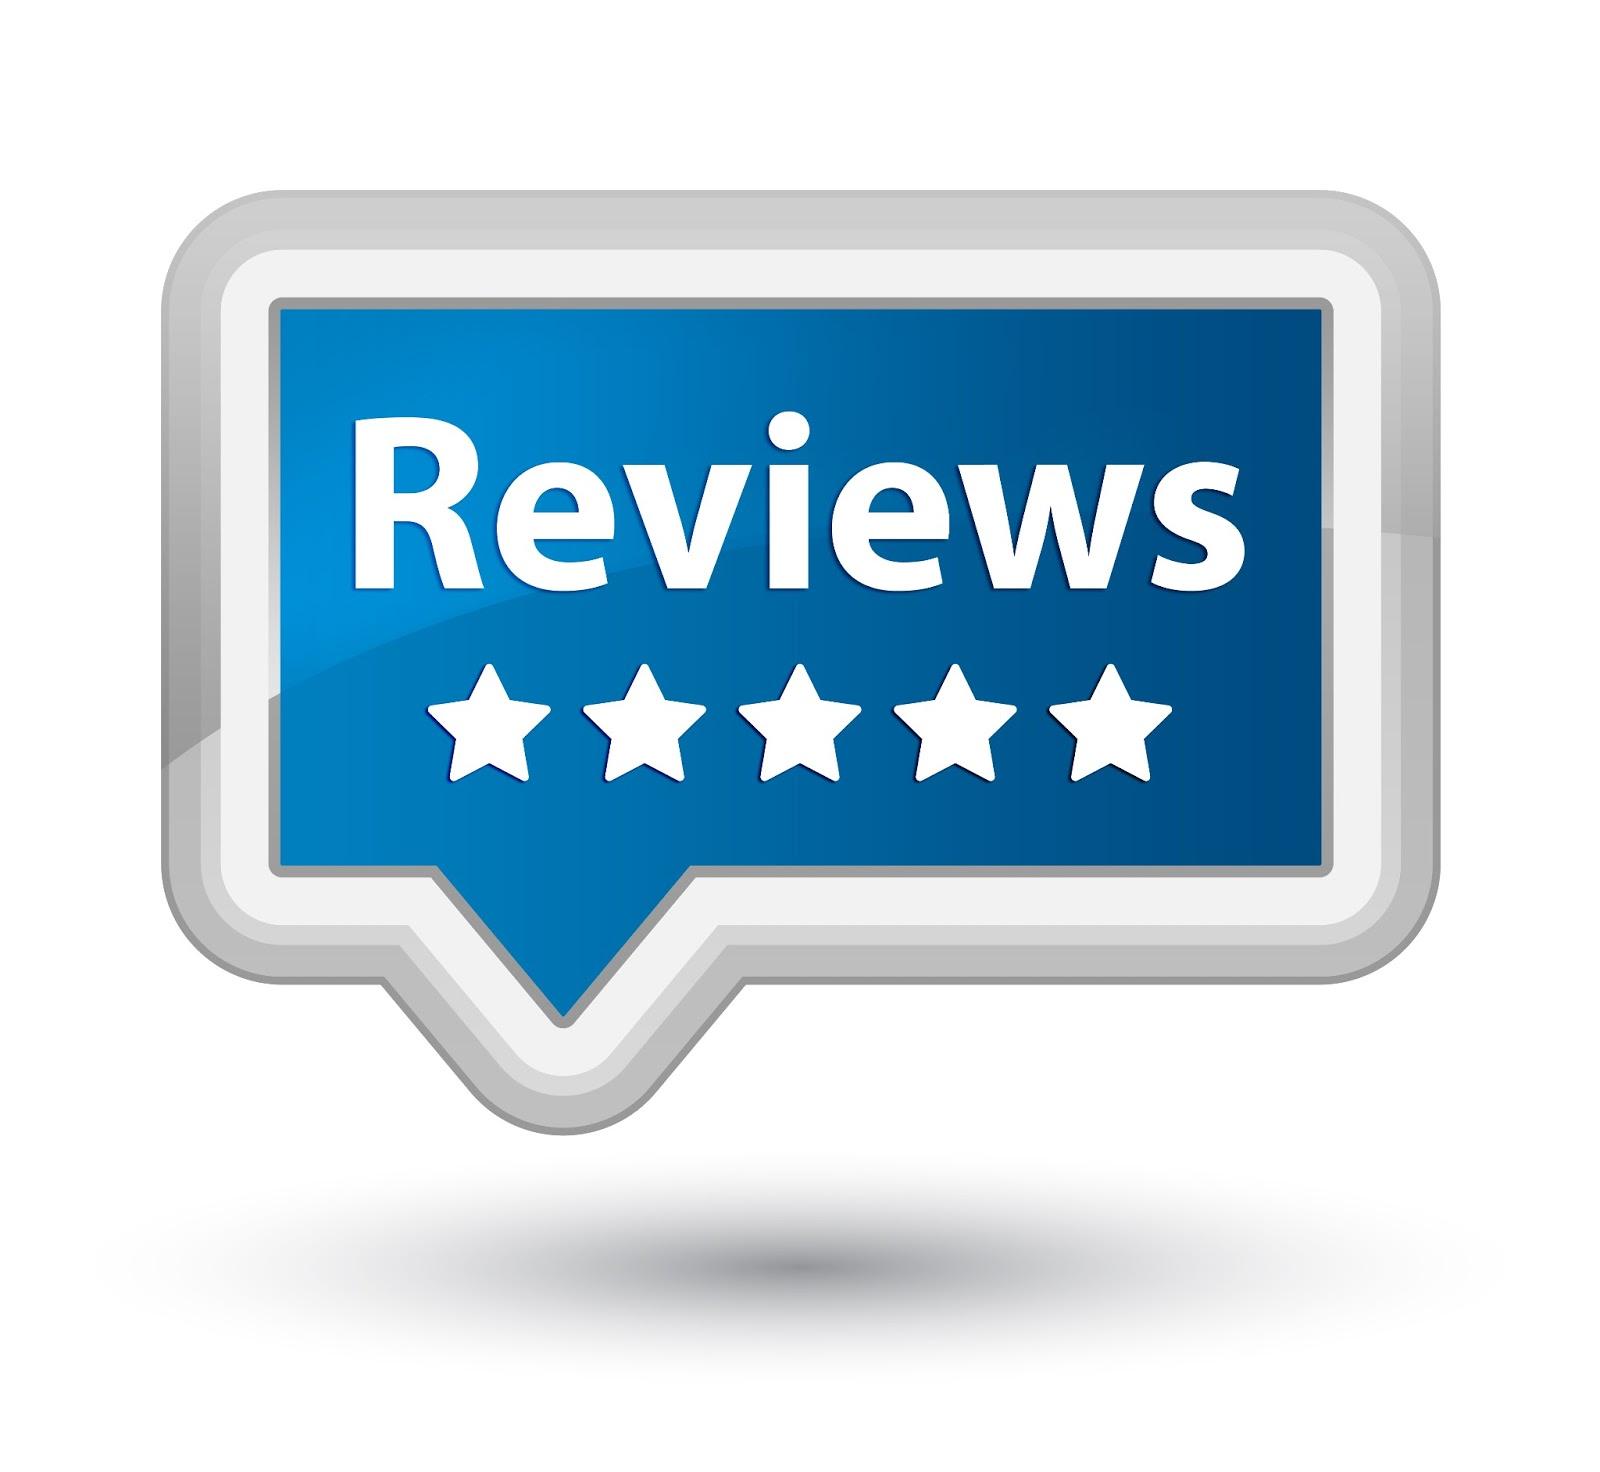 Reviews | Matt Skrabo: